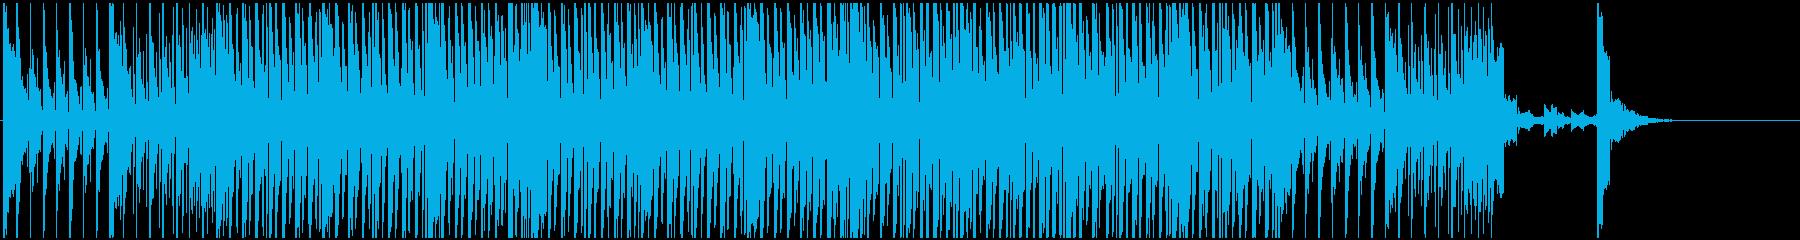 跳ねる オープニング ニュース 解説の再生済みの波形